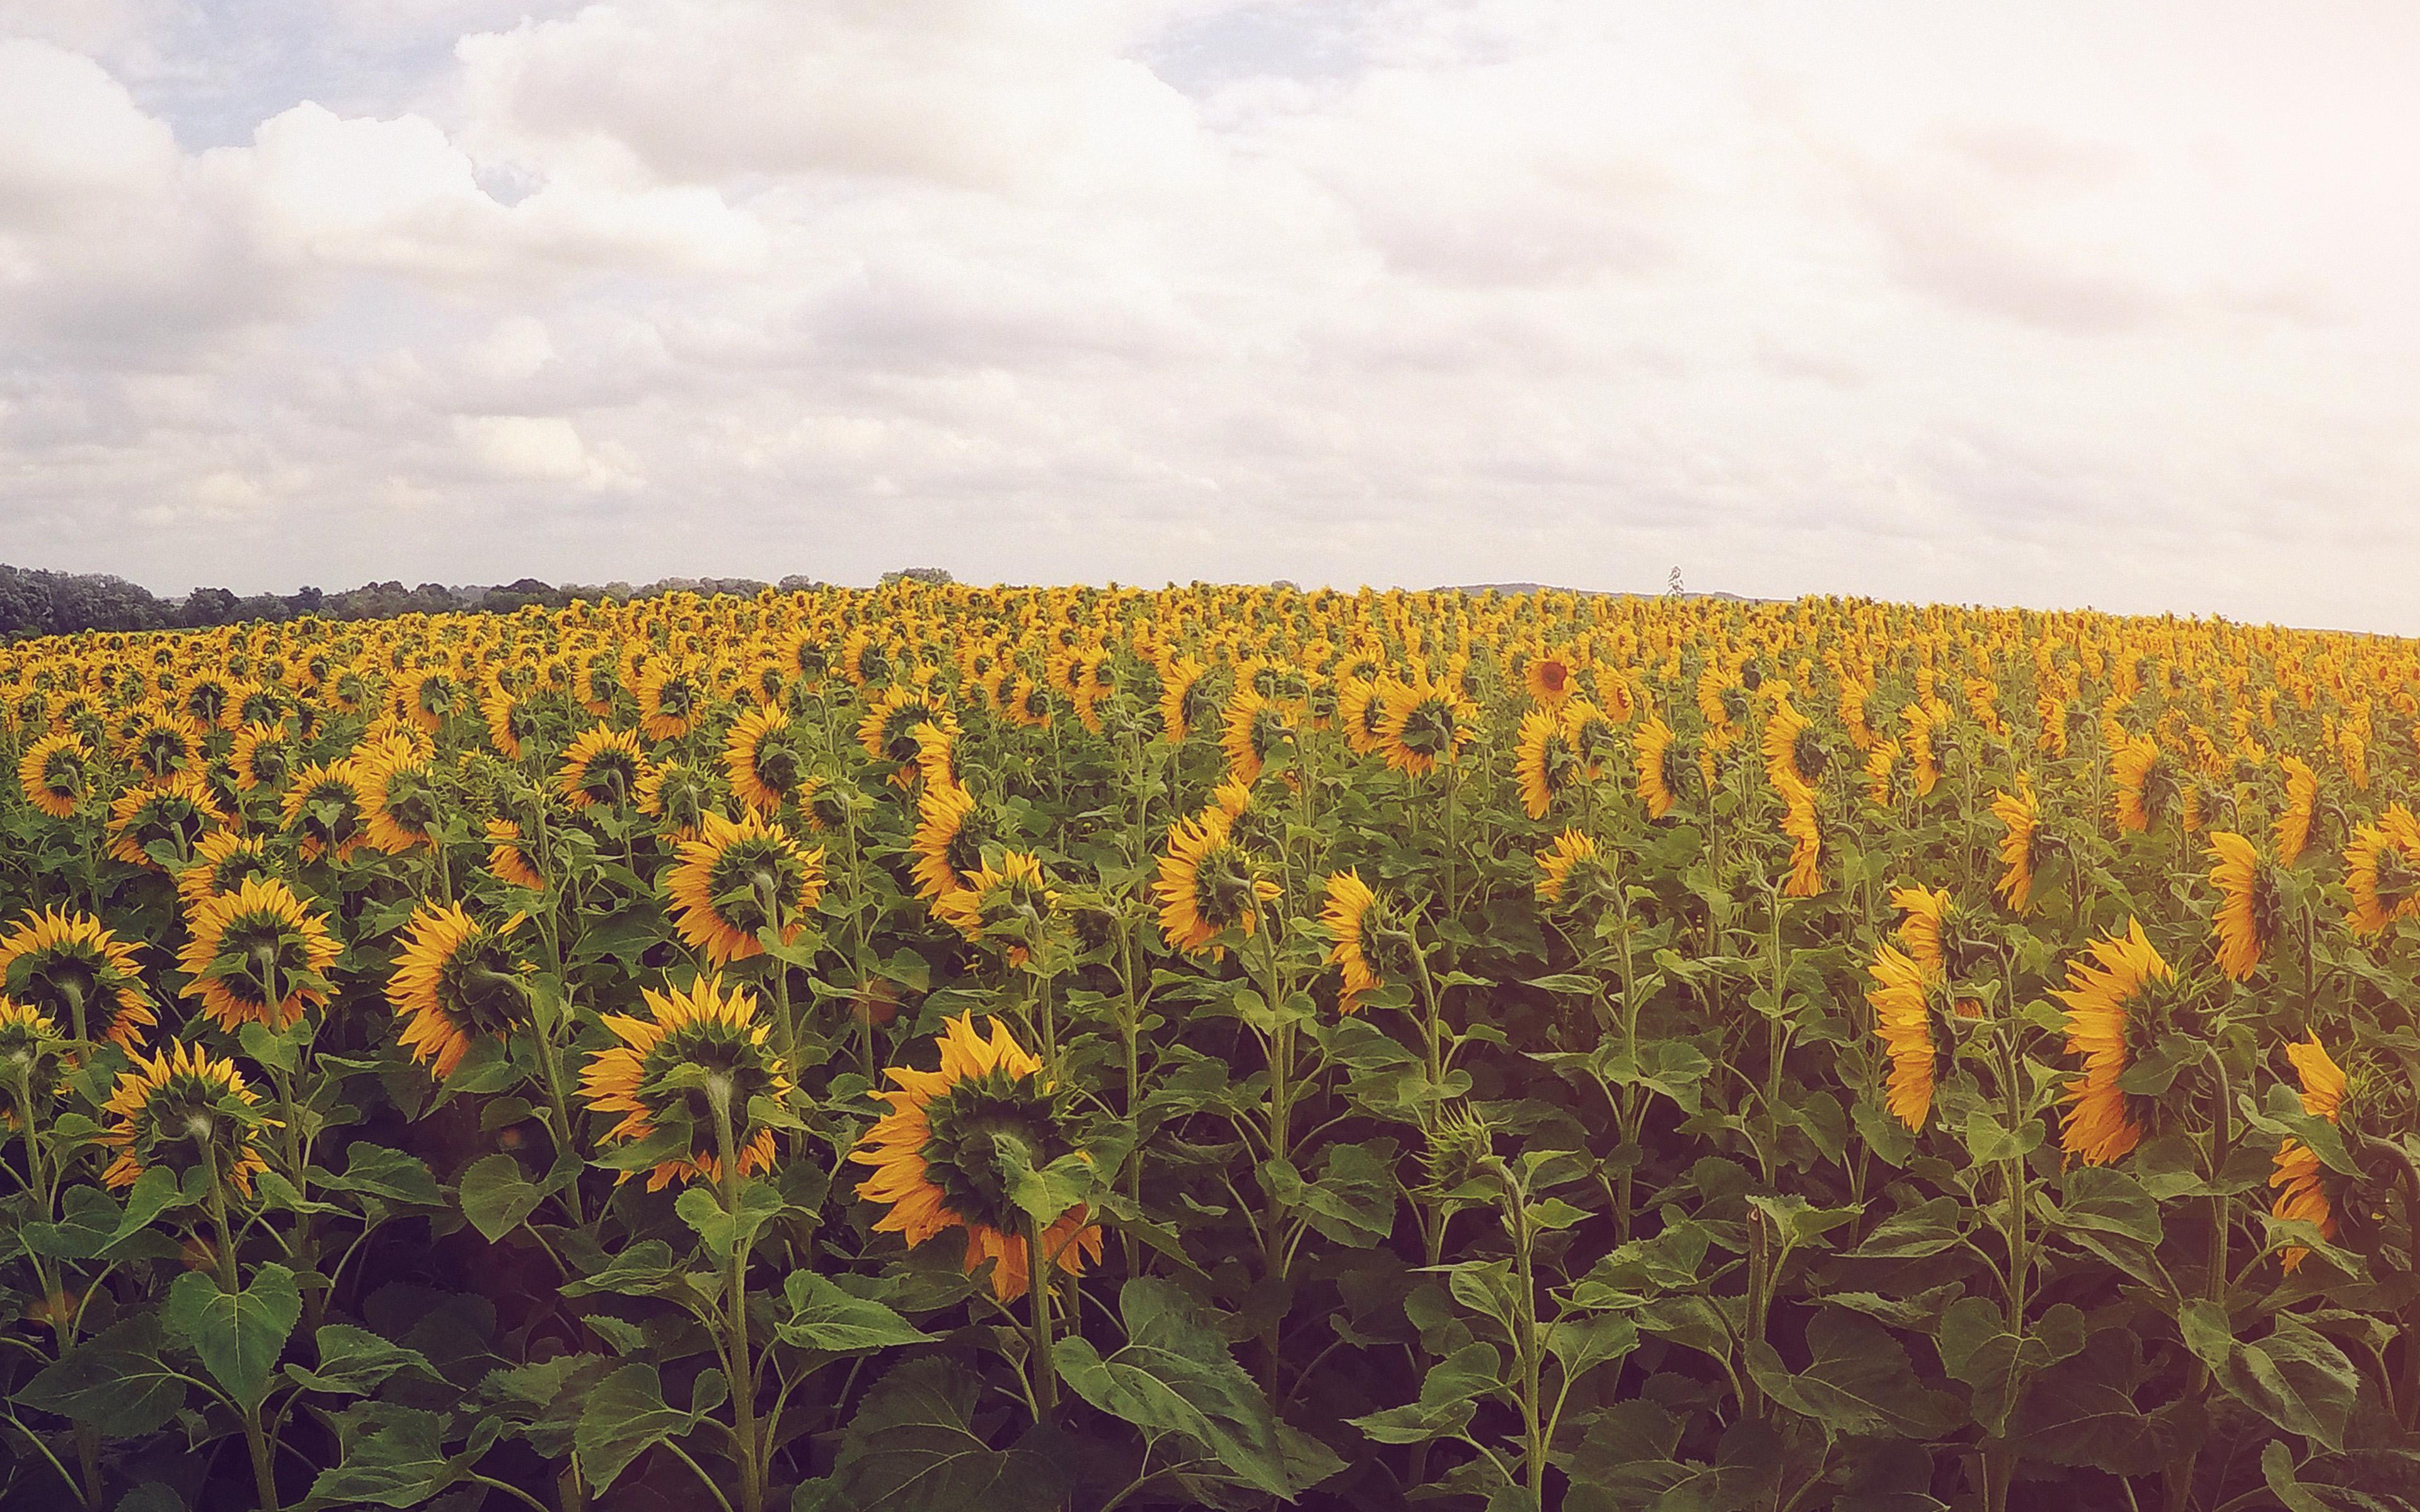 Wallpaper For Desktop Laptop Nj29 Sunflower Field Nature Flower Green Flare